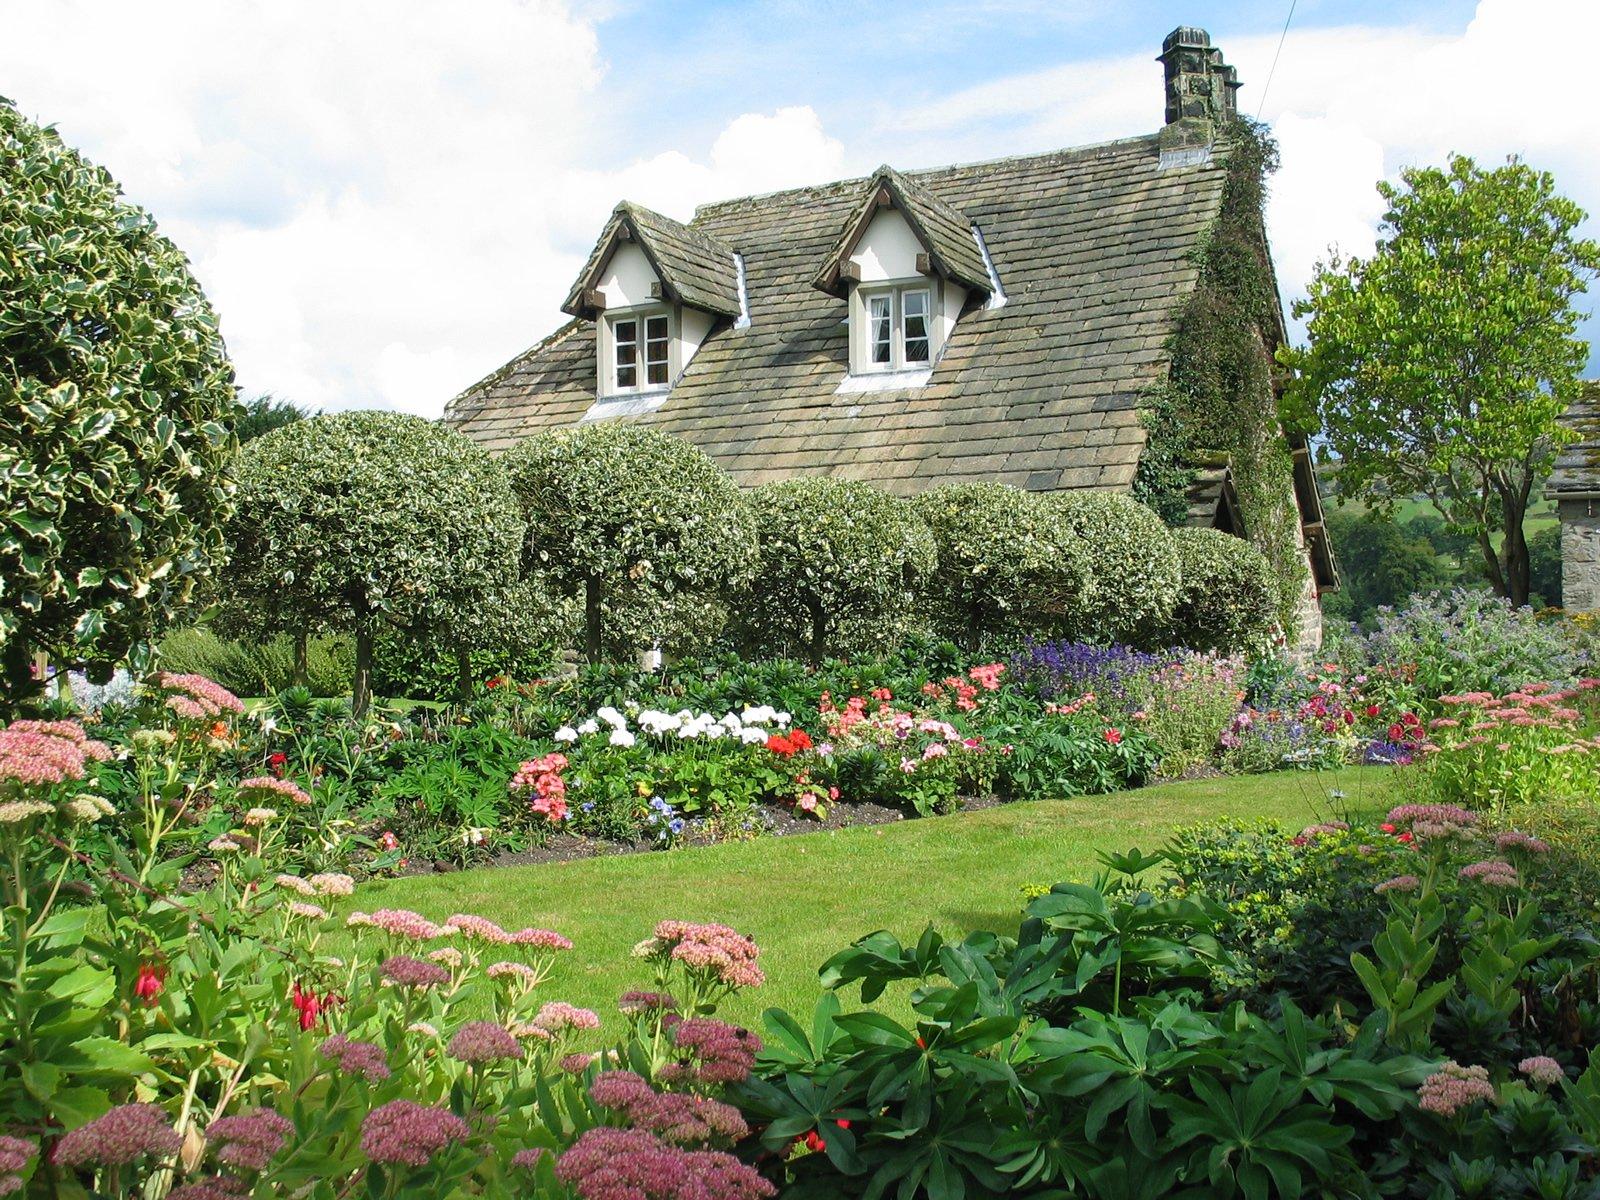 Country gardens wallpaper - English Country Garden